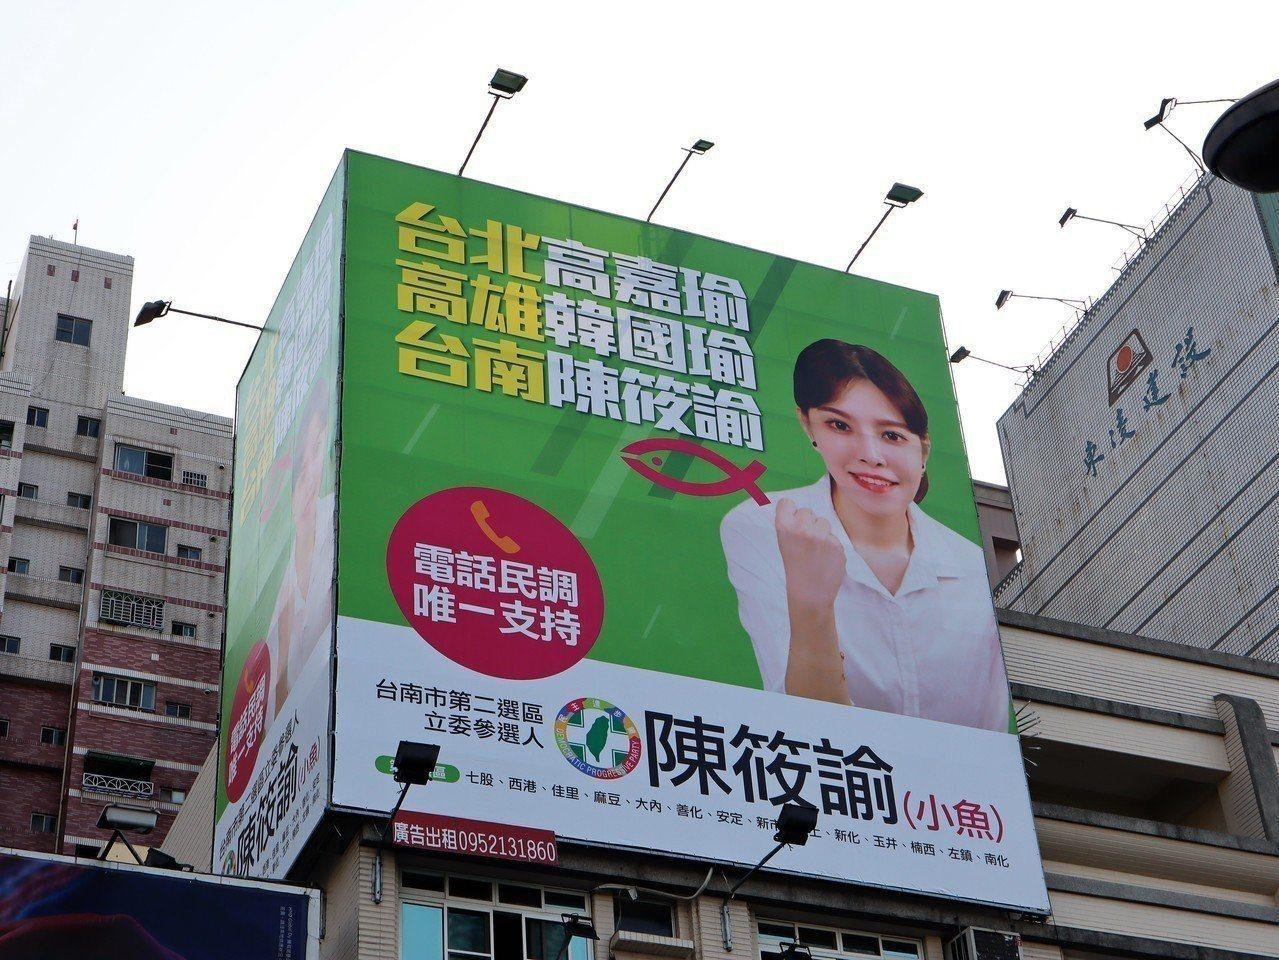 「最強村姑」陳筱諭當時參選立委時懸掛掀起話題的參選看板。圖/賴惠員服務處提供